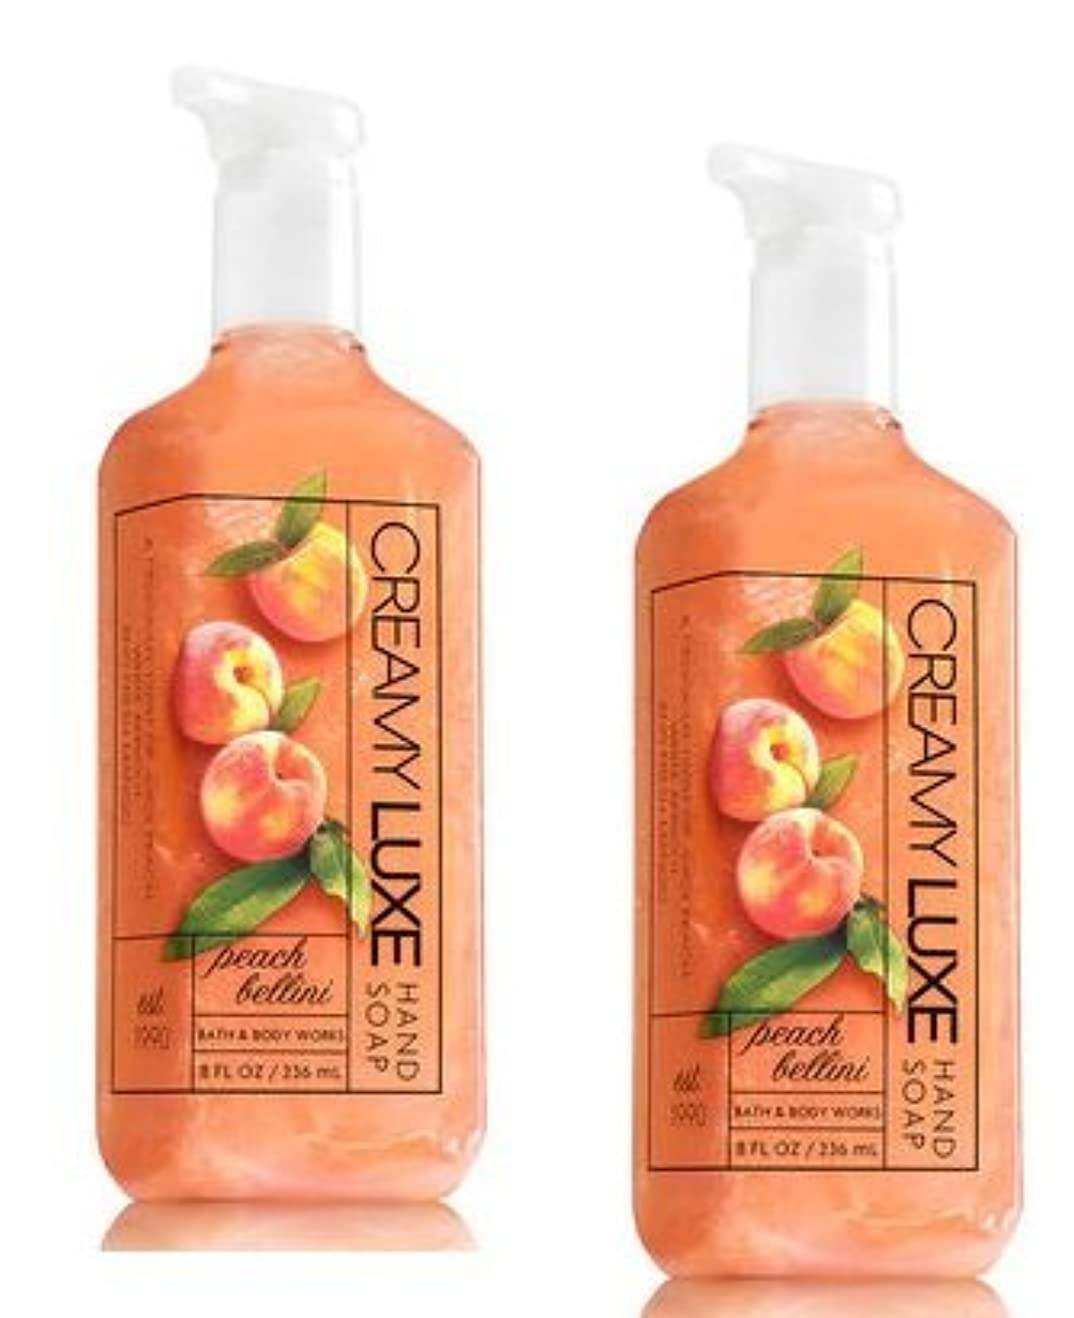 新着スタック幸運なBath & Body Works ピーチベリーニ クリーミー リュクス ハンドソープ 2本セット PEACH BELLINI Creamy Luxe Hand Soap. 8 oz 236ml [並行輸入品]